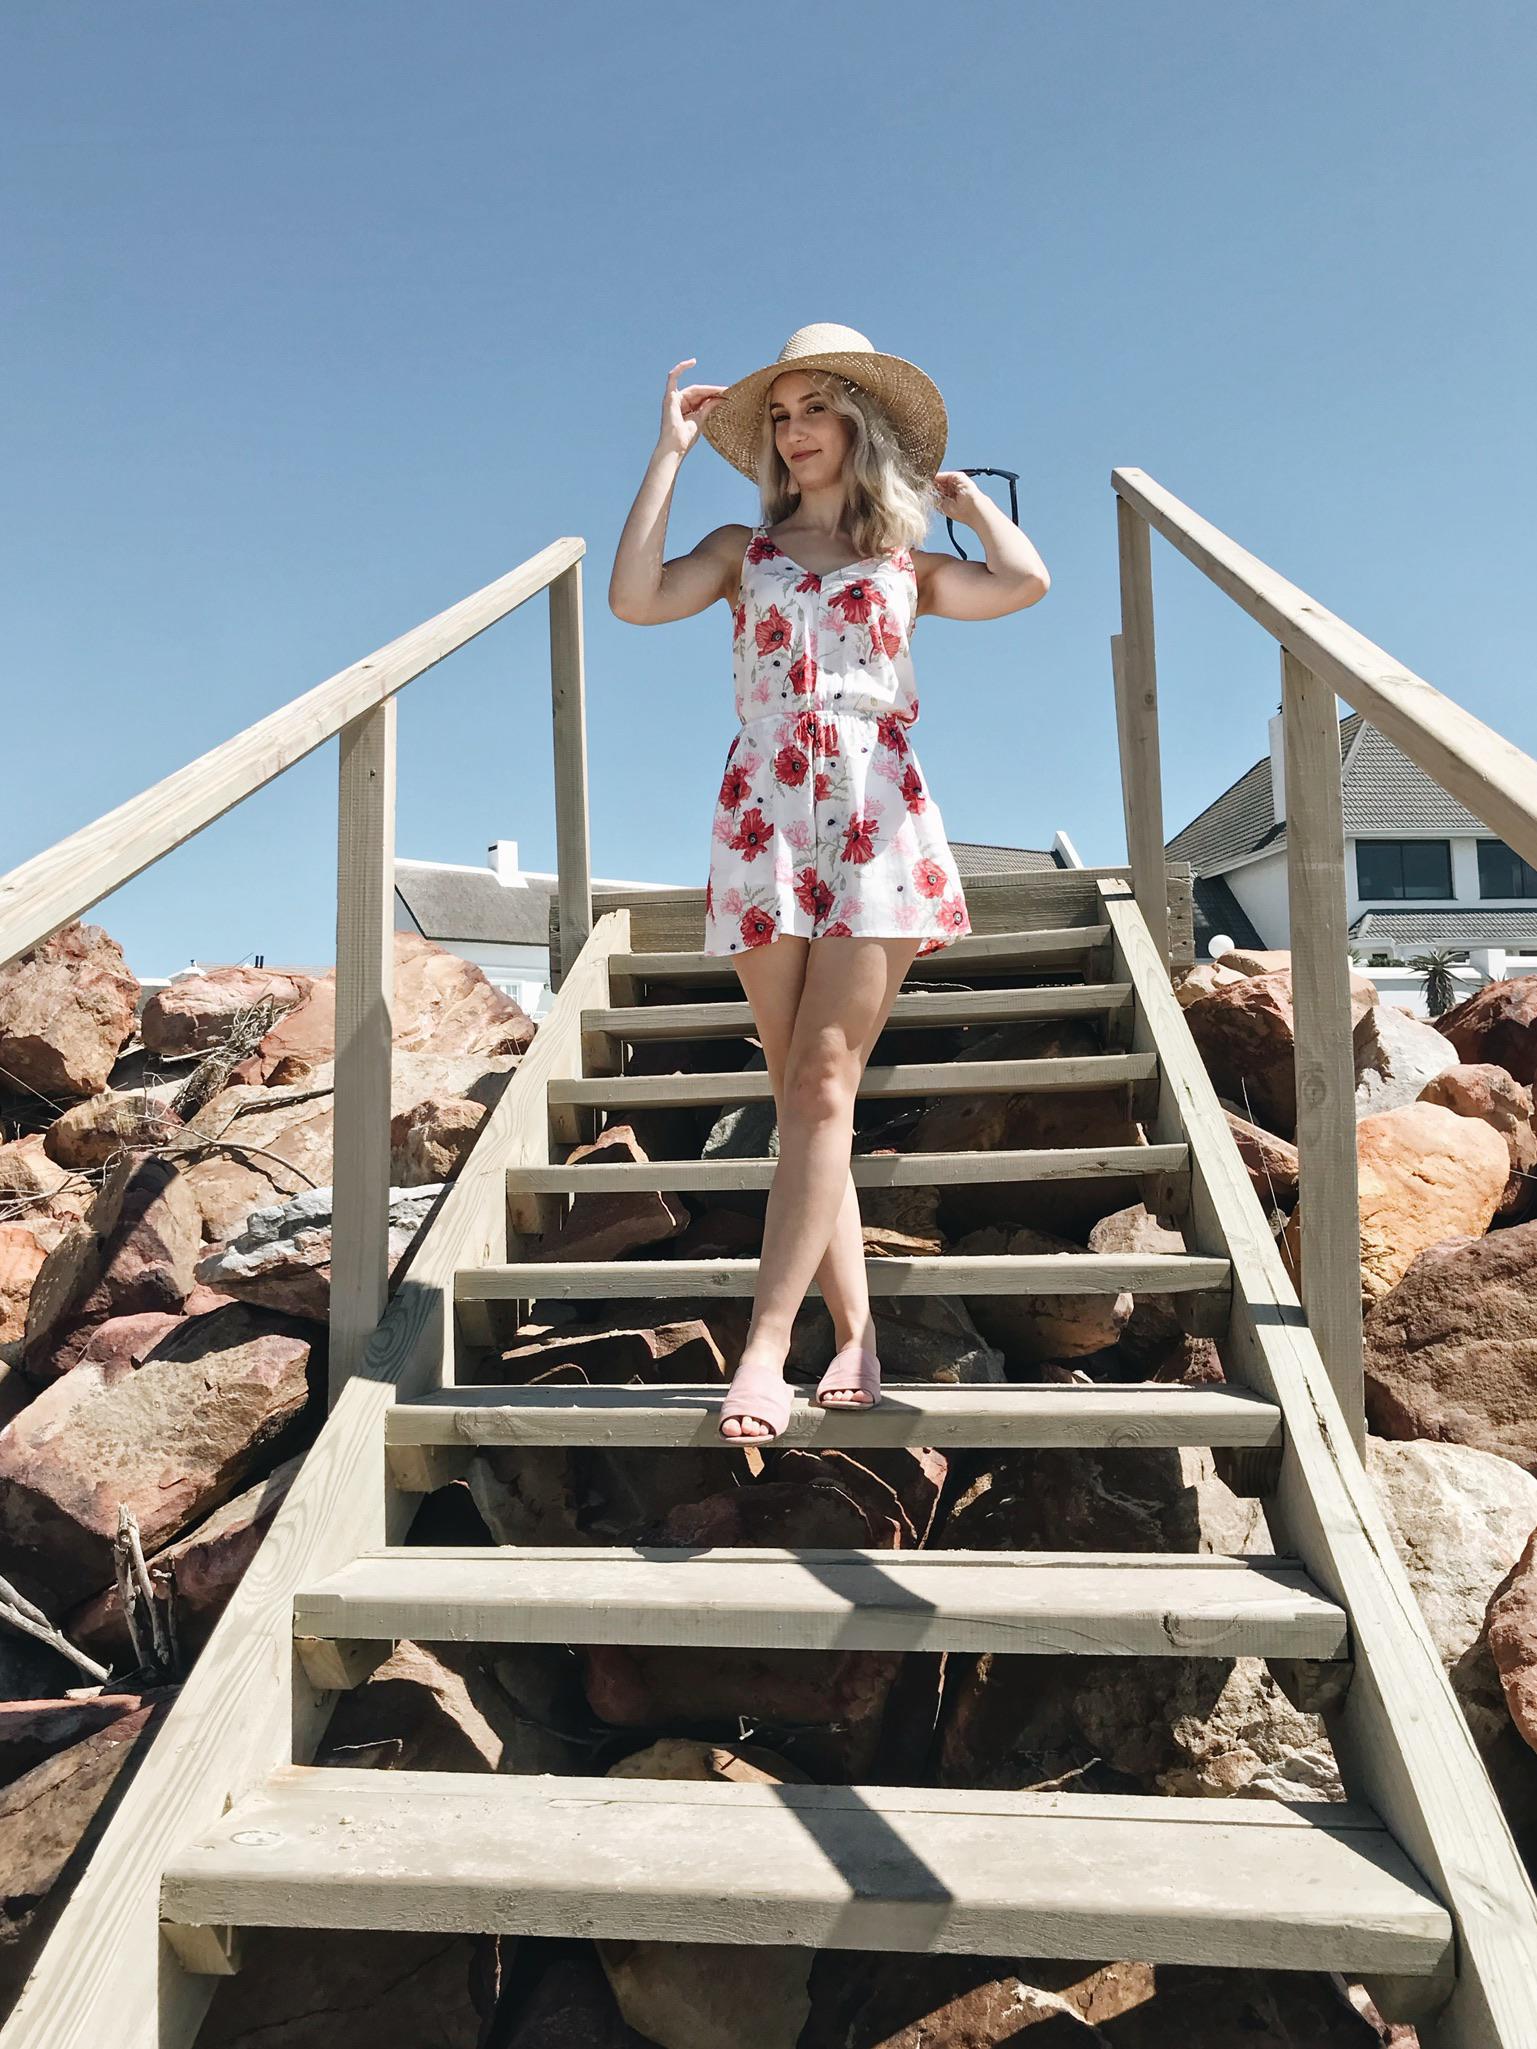 Lauren Carmen on beach steps